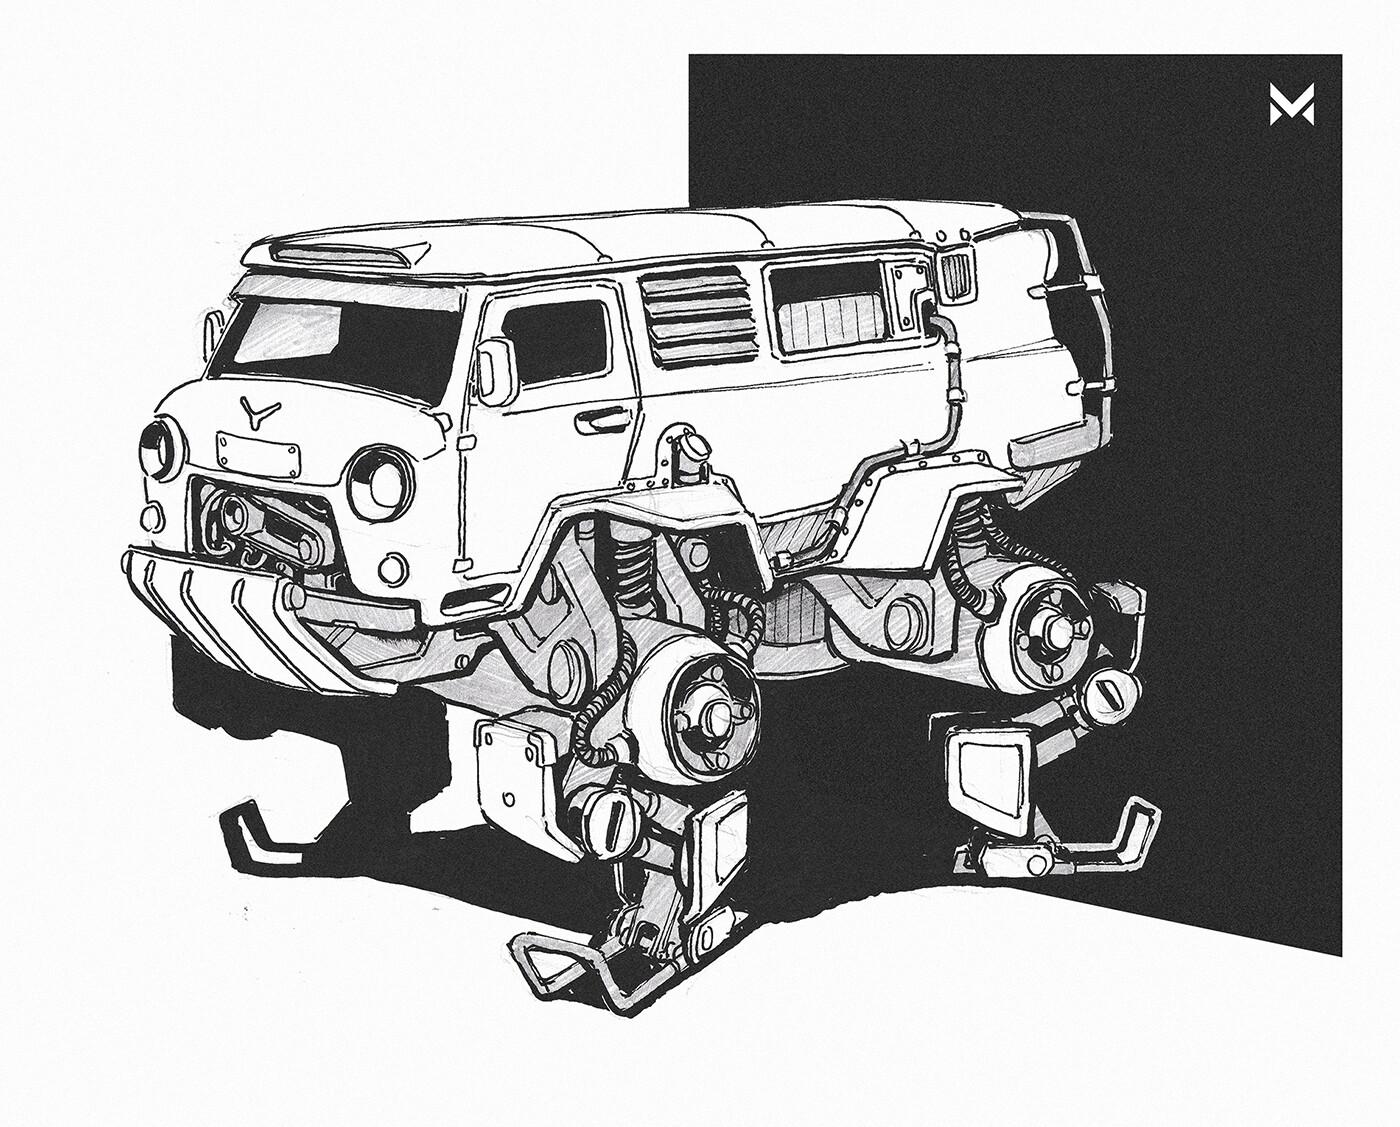 UAZ Mech concept